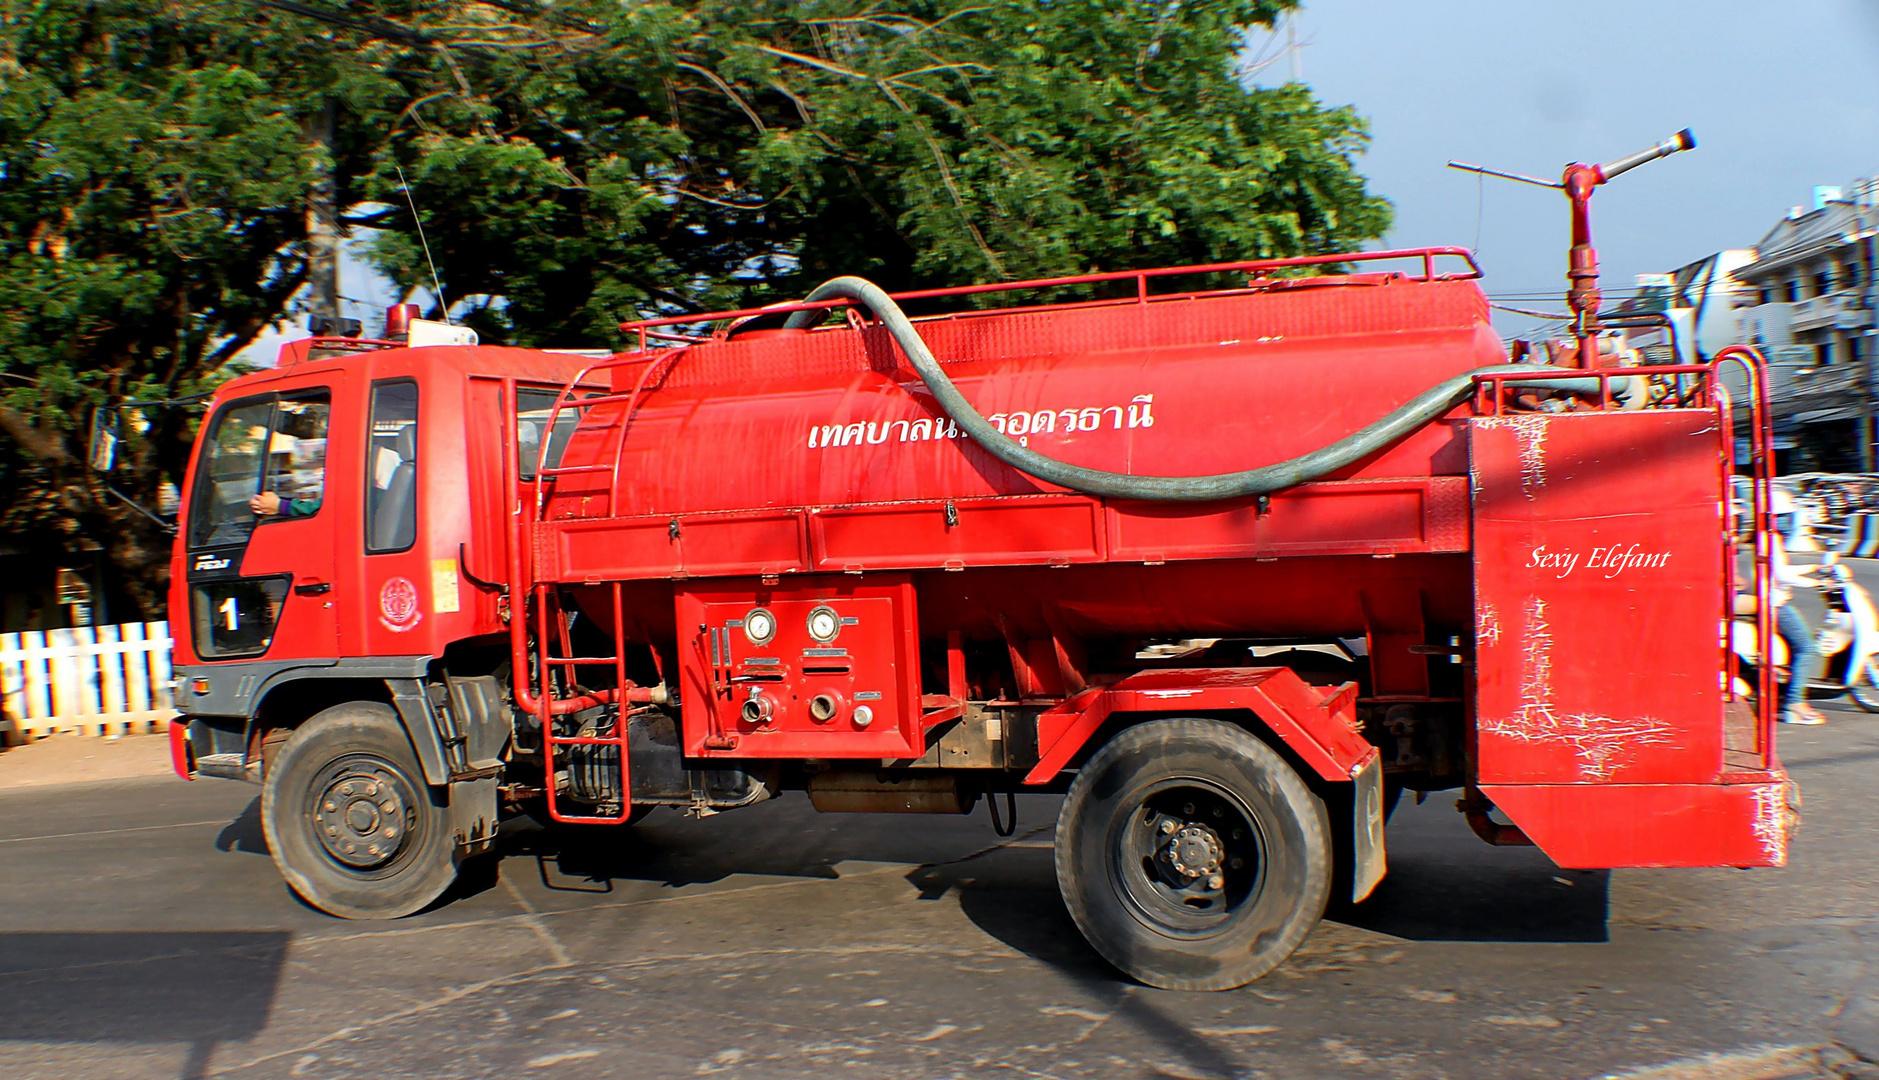 Feuerwehrauto 10 Foto & Bild  autos & zweiräder ...